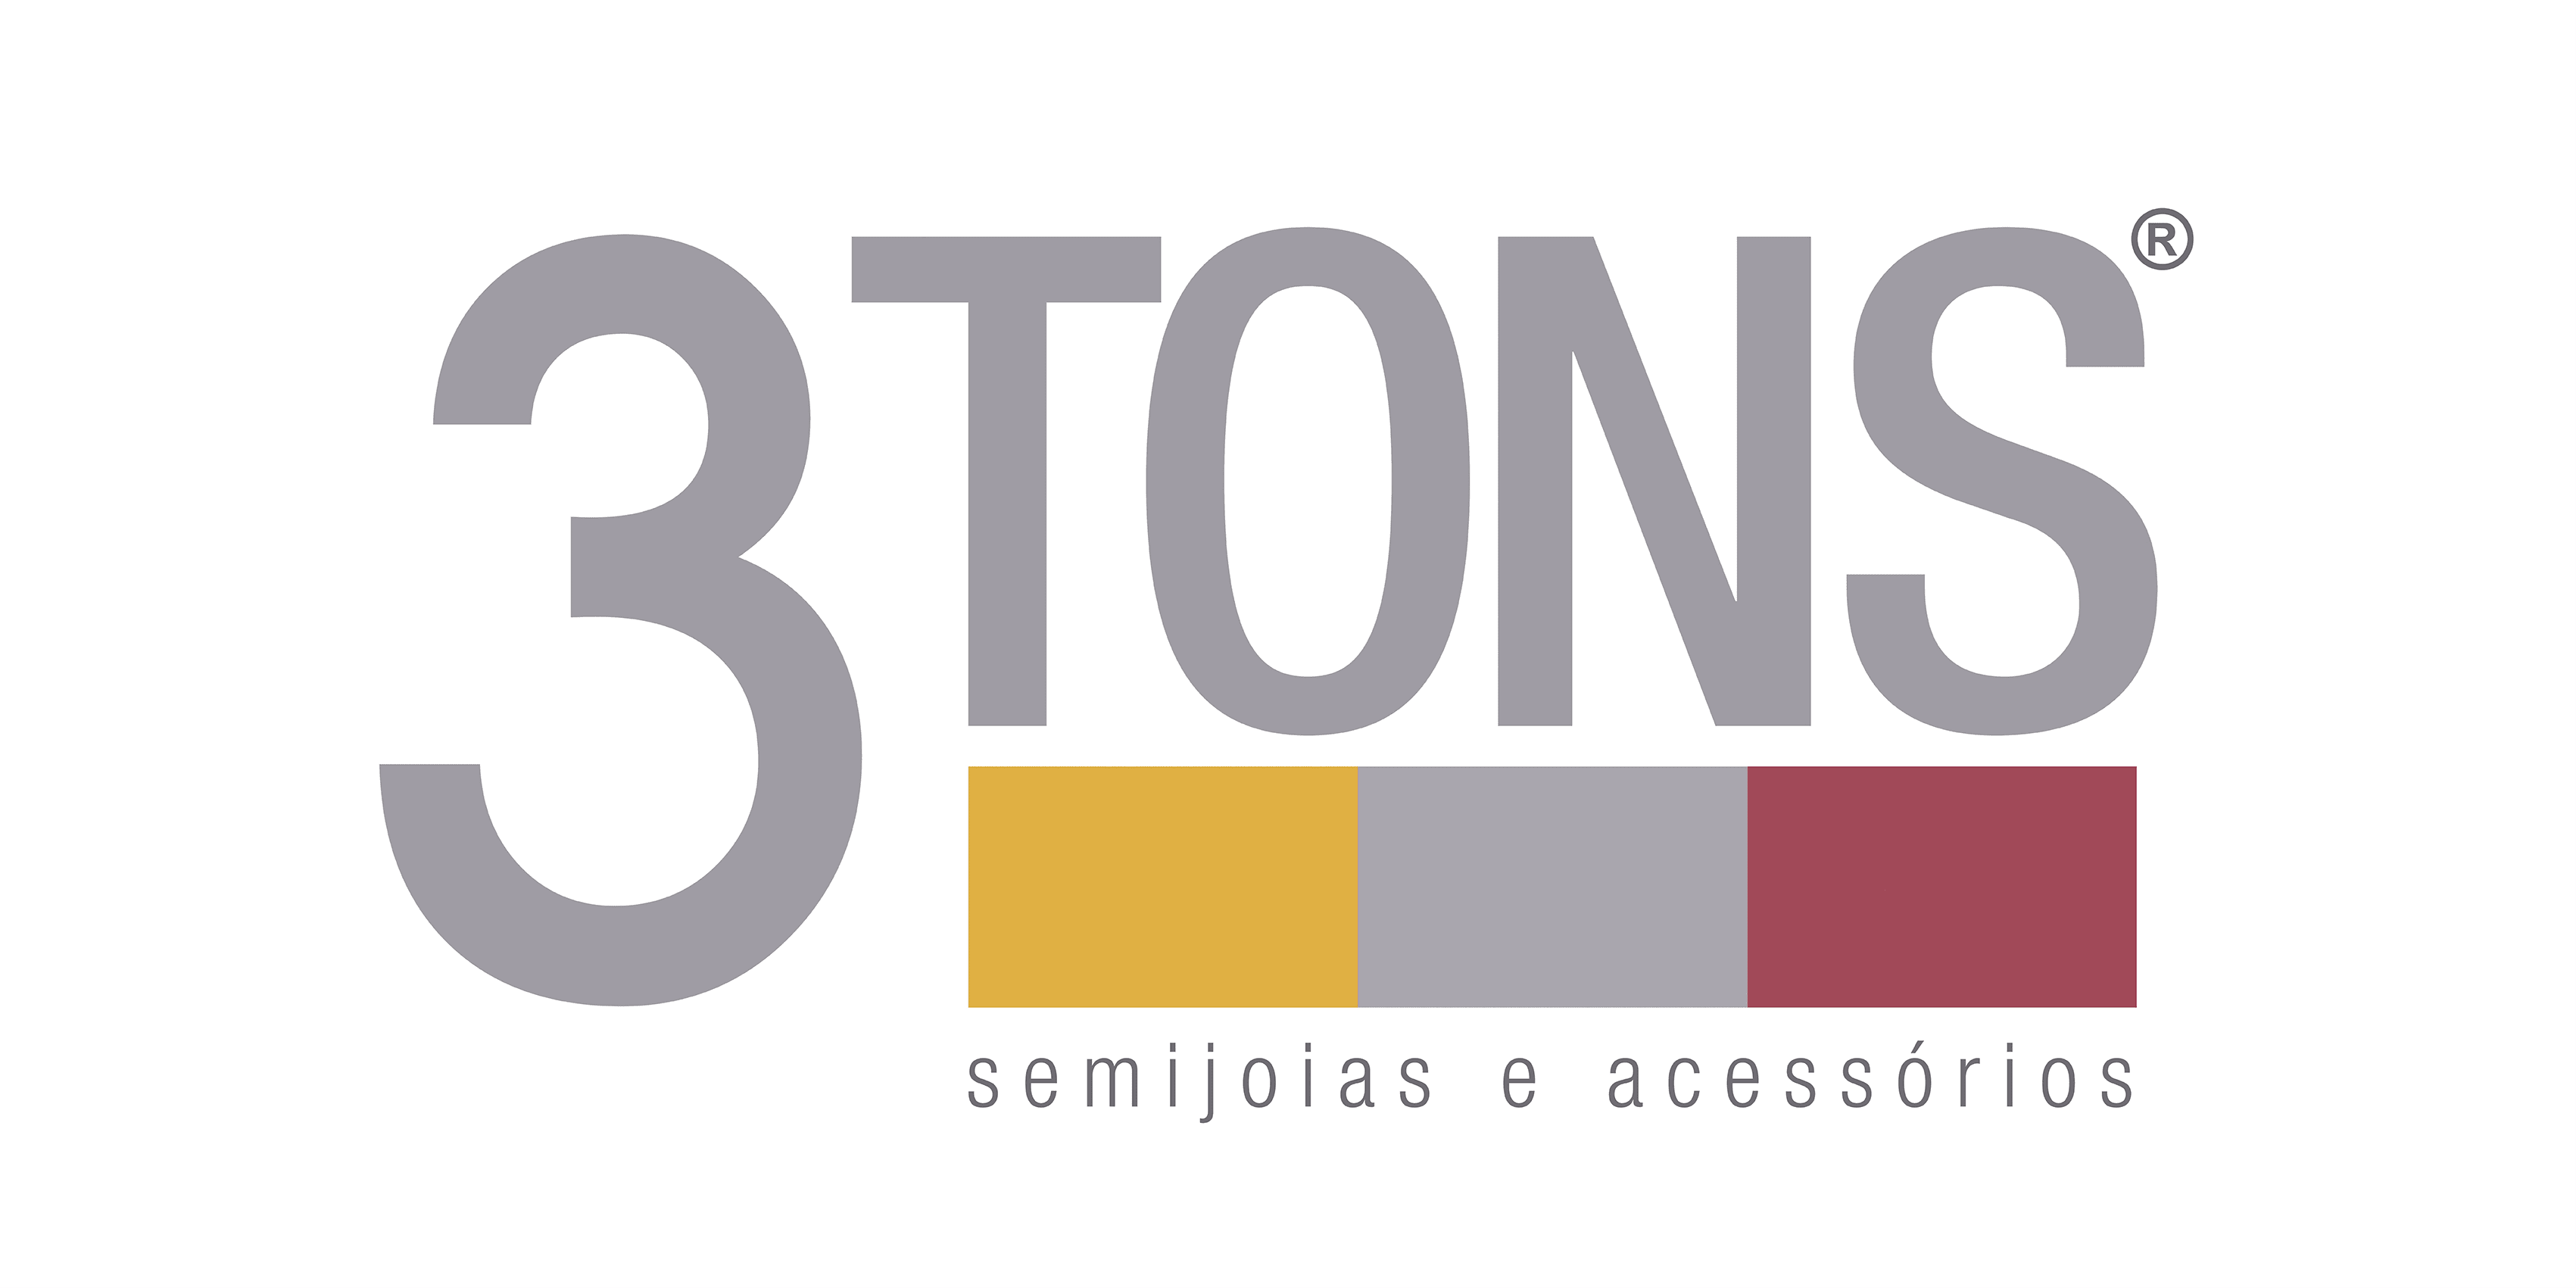 (c) 3tons.com.br